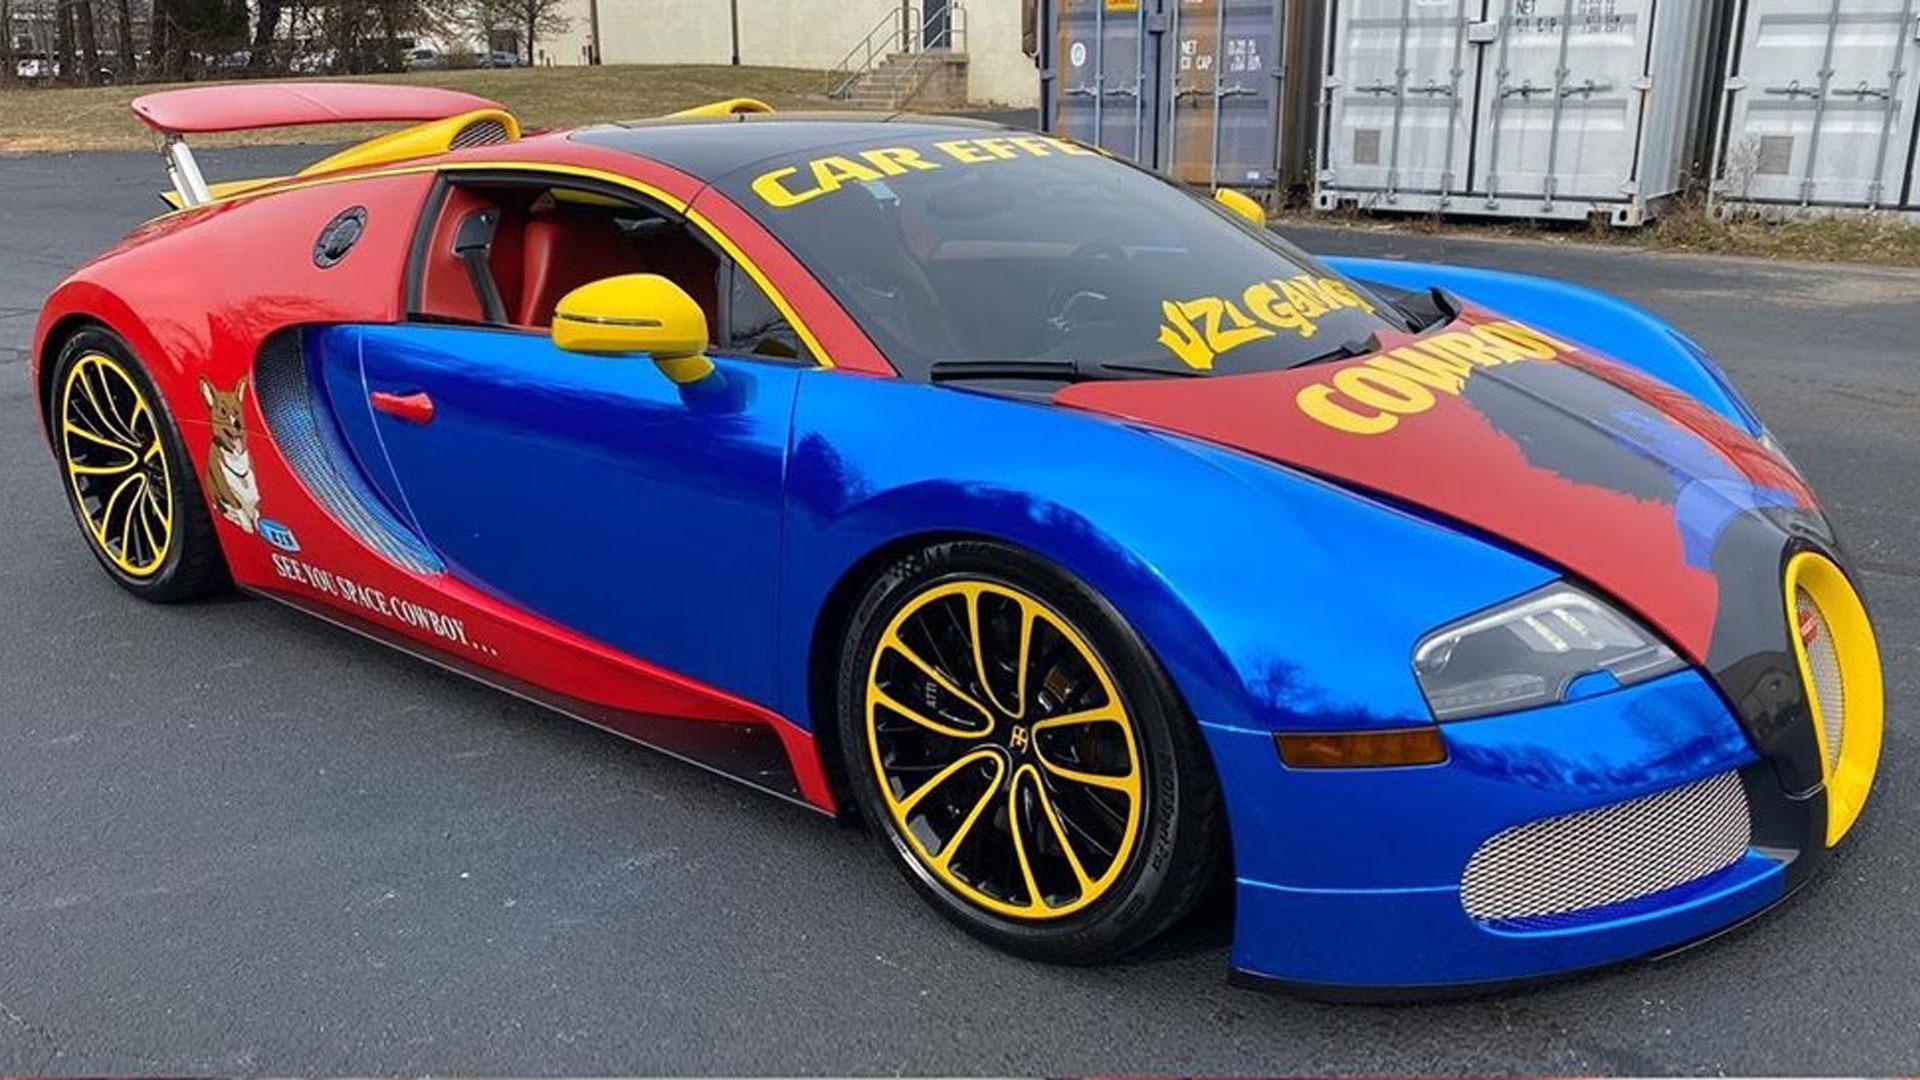 Bugatti Veyron van rapper Lil Uzi Vert